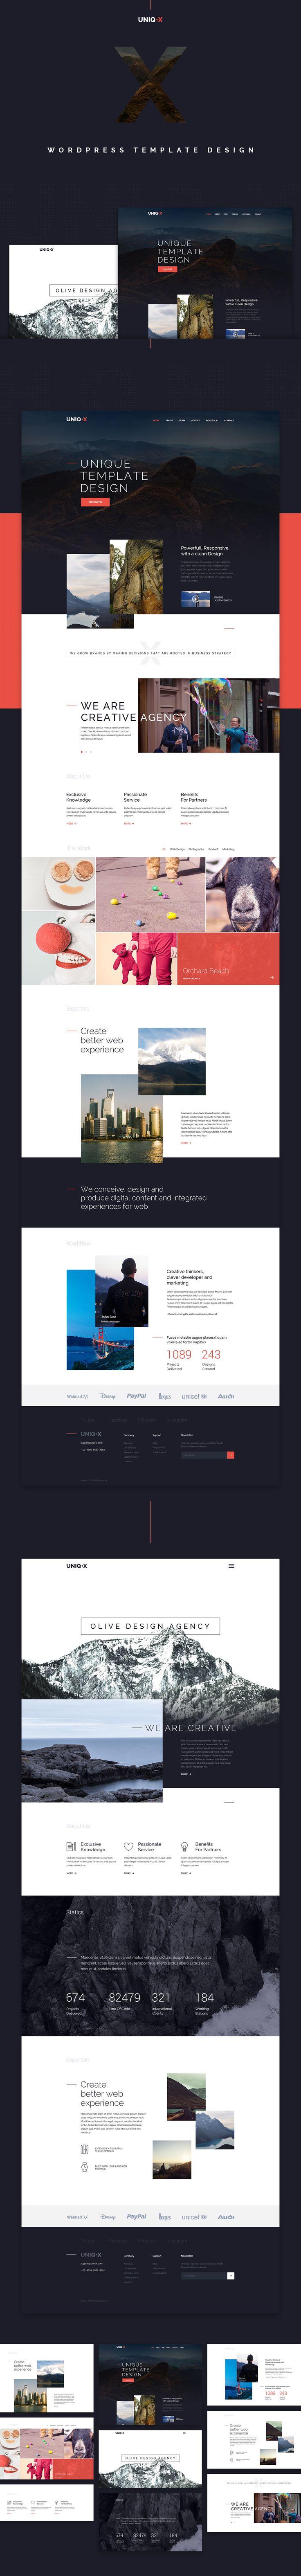 Enes Dal, talentueux Webdesigner et Designer d'interface #17